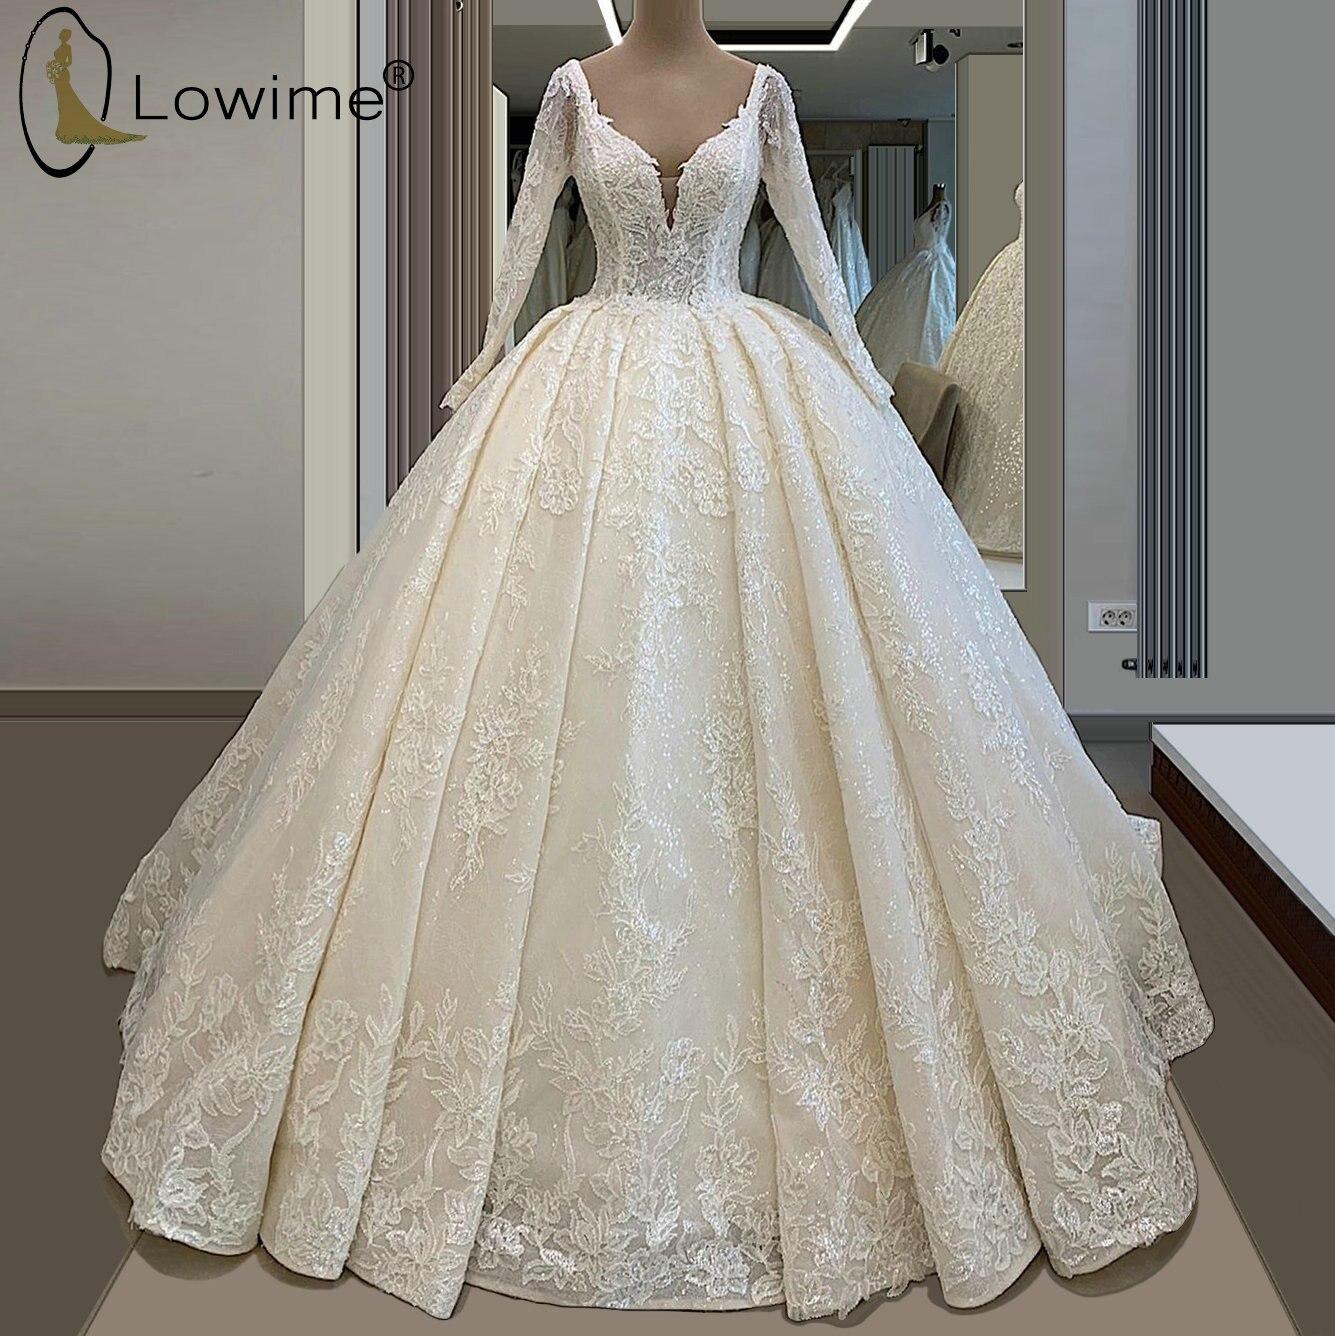 الأميرة الخامس الرقبة مثير فساتين الزفاف الأكمام الطويلة زين الترتر الدانتيل زي العرائس رداء دي ماري